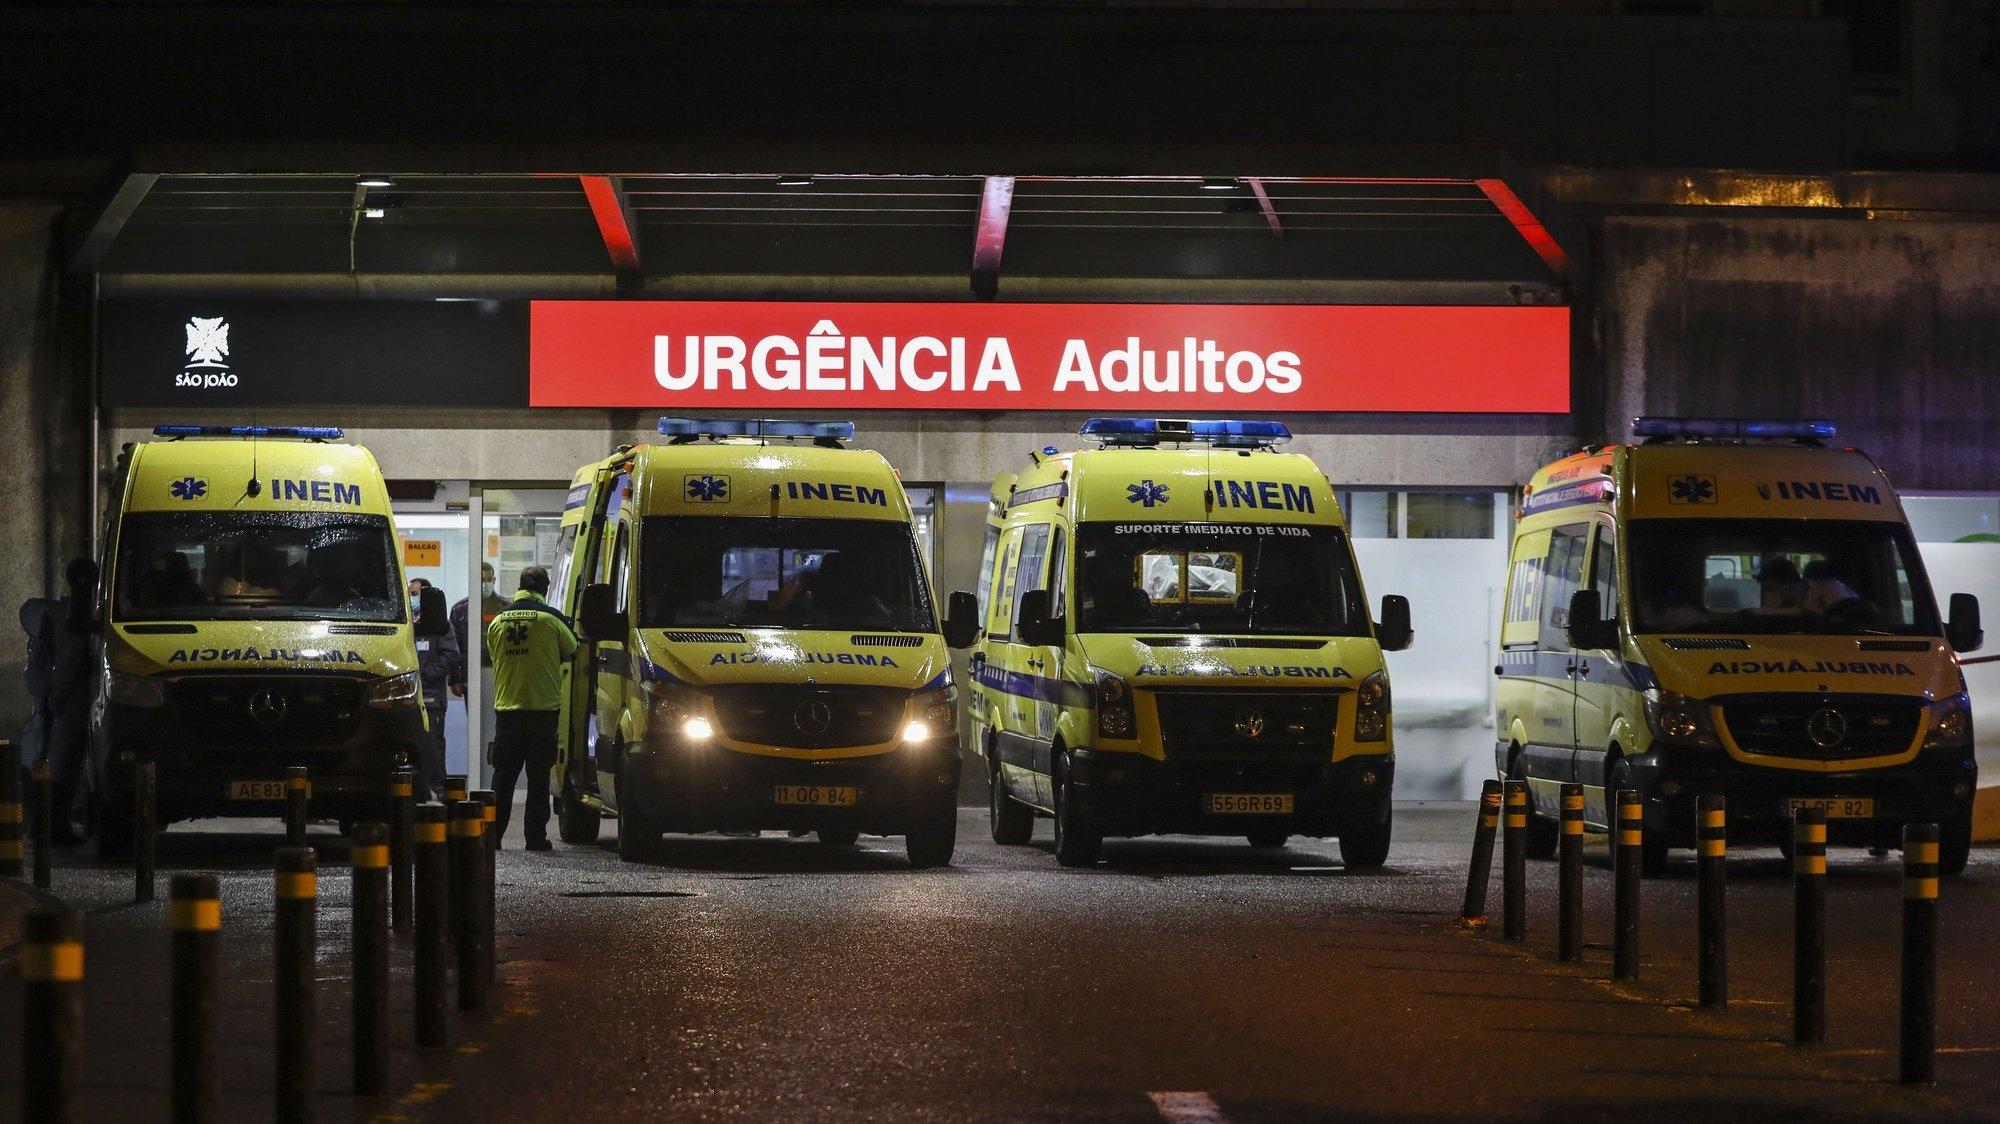 Chegada ao Hospital de São João de doentes covid-19 provenientes da região de Lisboa e Vale do Tejo (LVT), numa resposta solidária face à complexidade e à exigência daquela área do país, Porto, 3 de janeiro de 2020. JOSÉ COELHO/LUSA